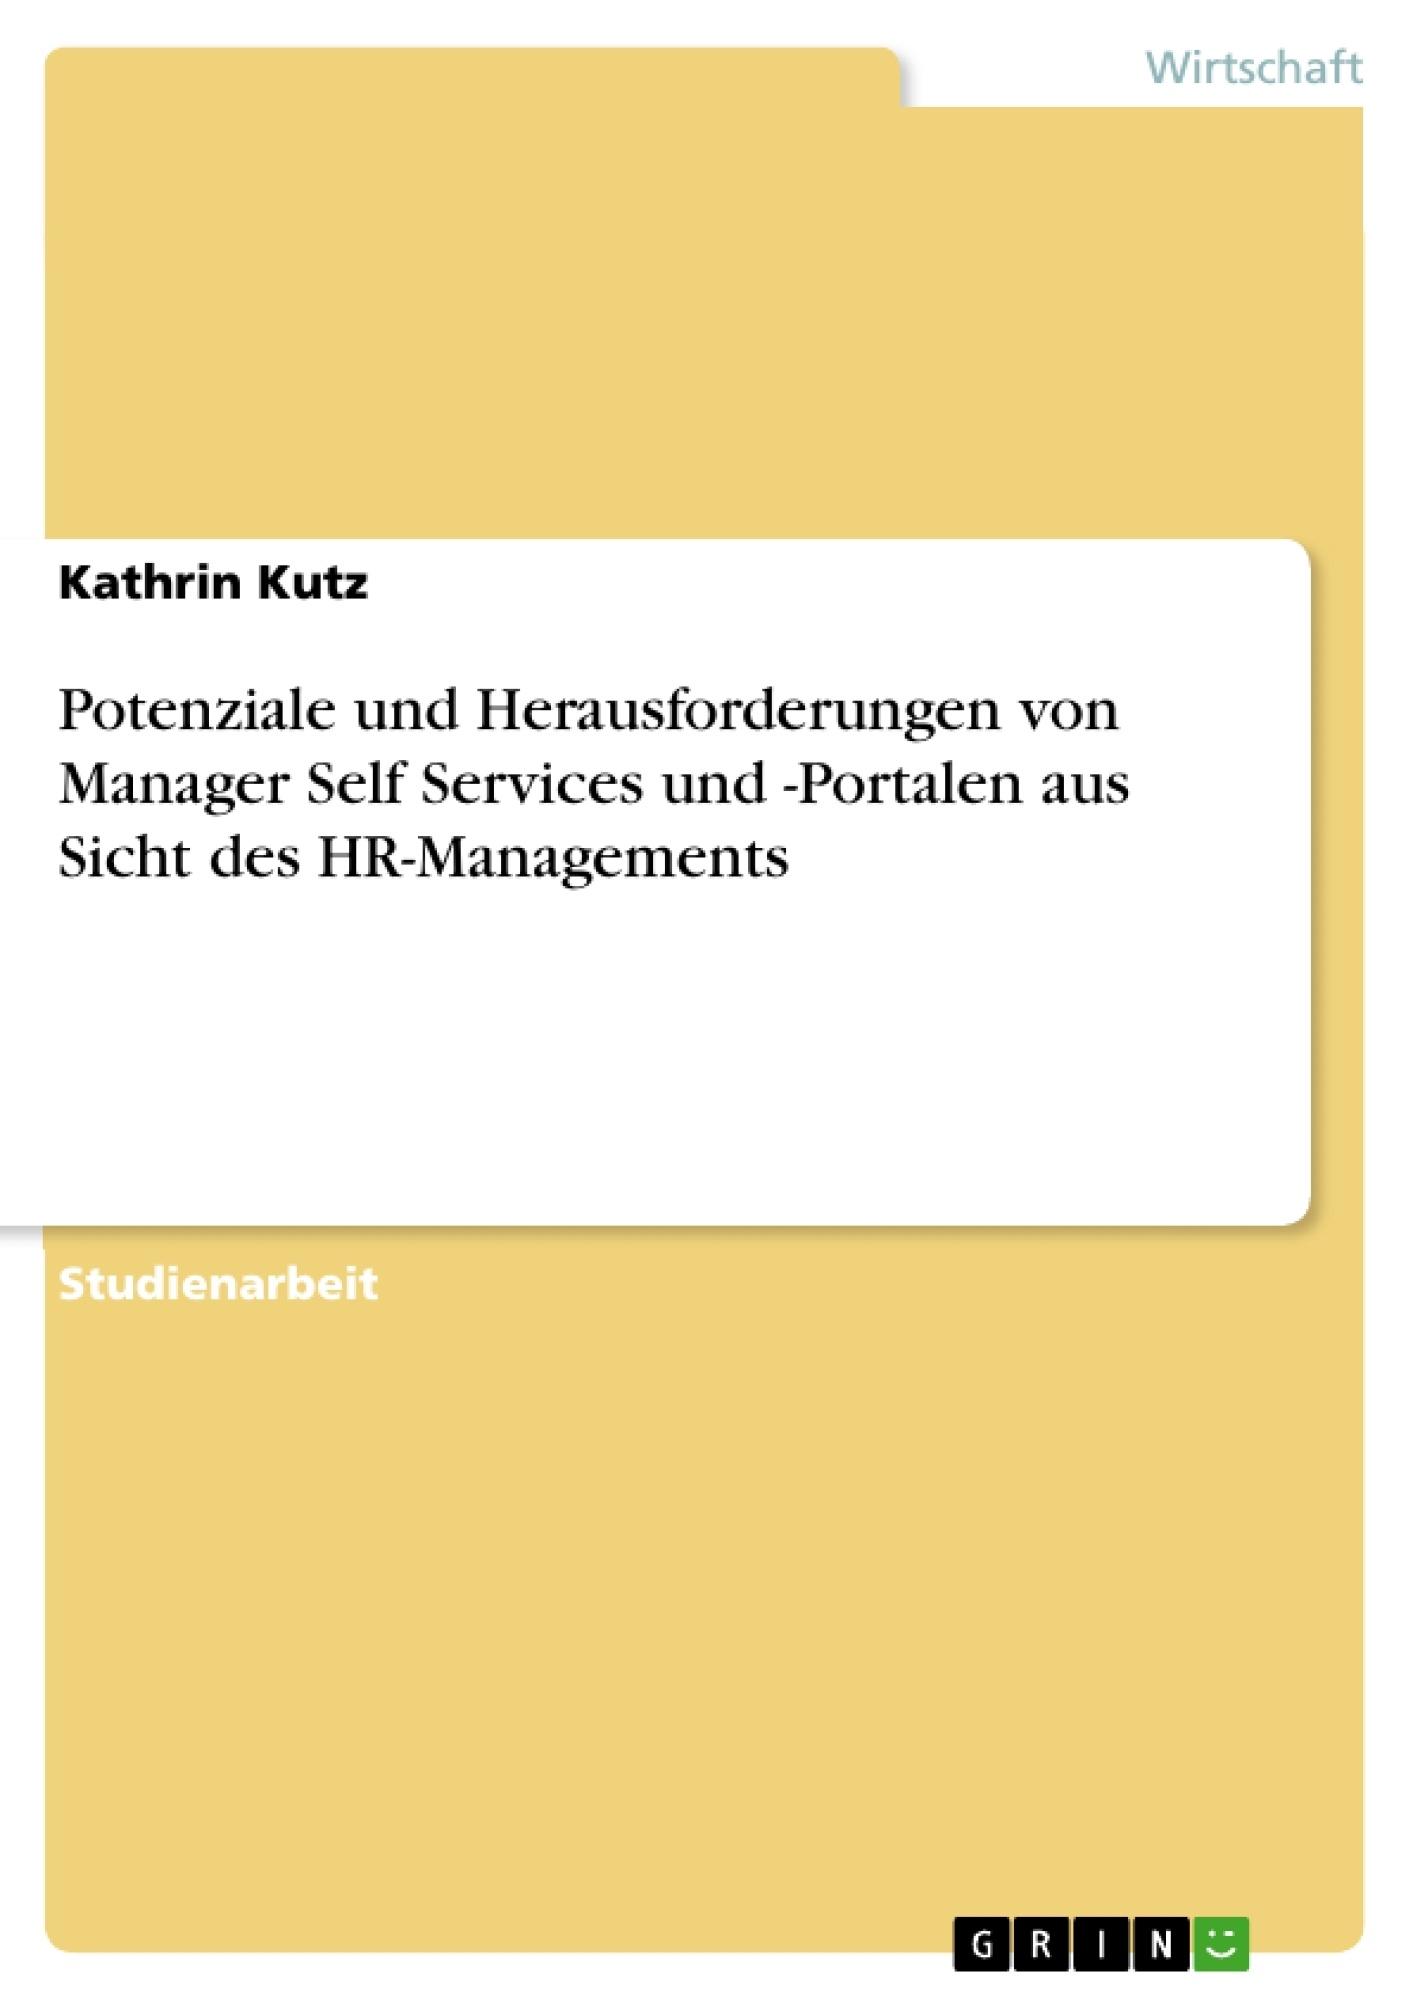 Titel: Potenziale und Herausforderungen von Manager Self Services und -Portalen aus Sicht des HR-Managements